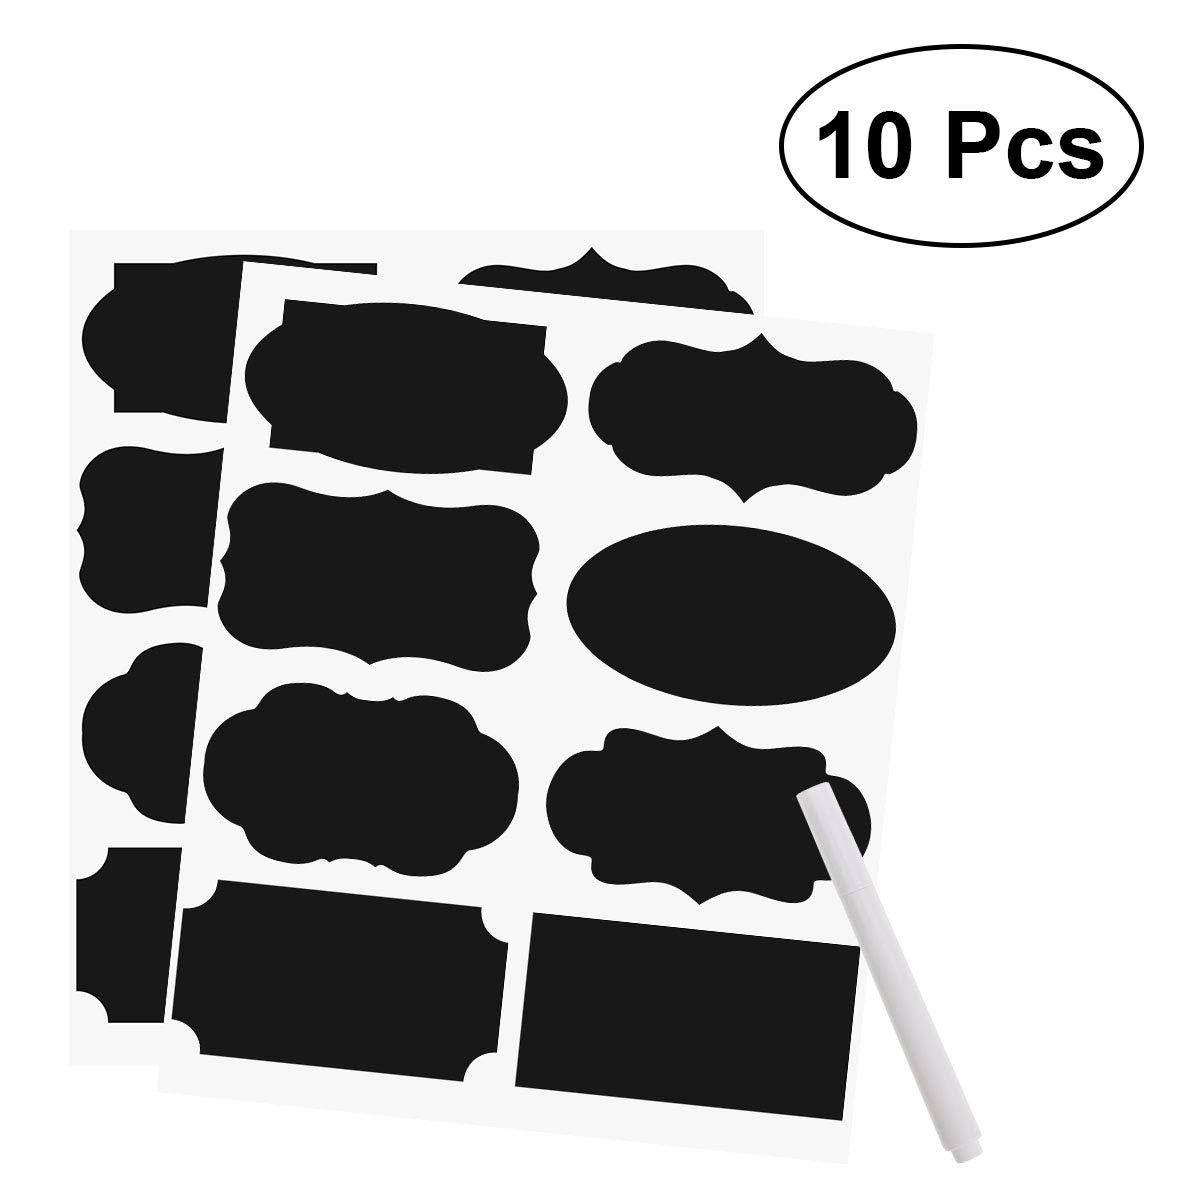 10 Feuilles 80 Stickers Etiquette Tableau Noir Etiquette Autocollante Réutilisable Imperméable Effaçable et 1 Marqueur à Craie Liquide OUNONA